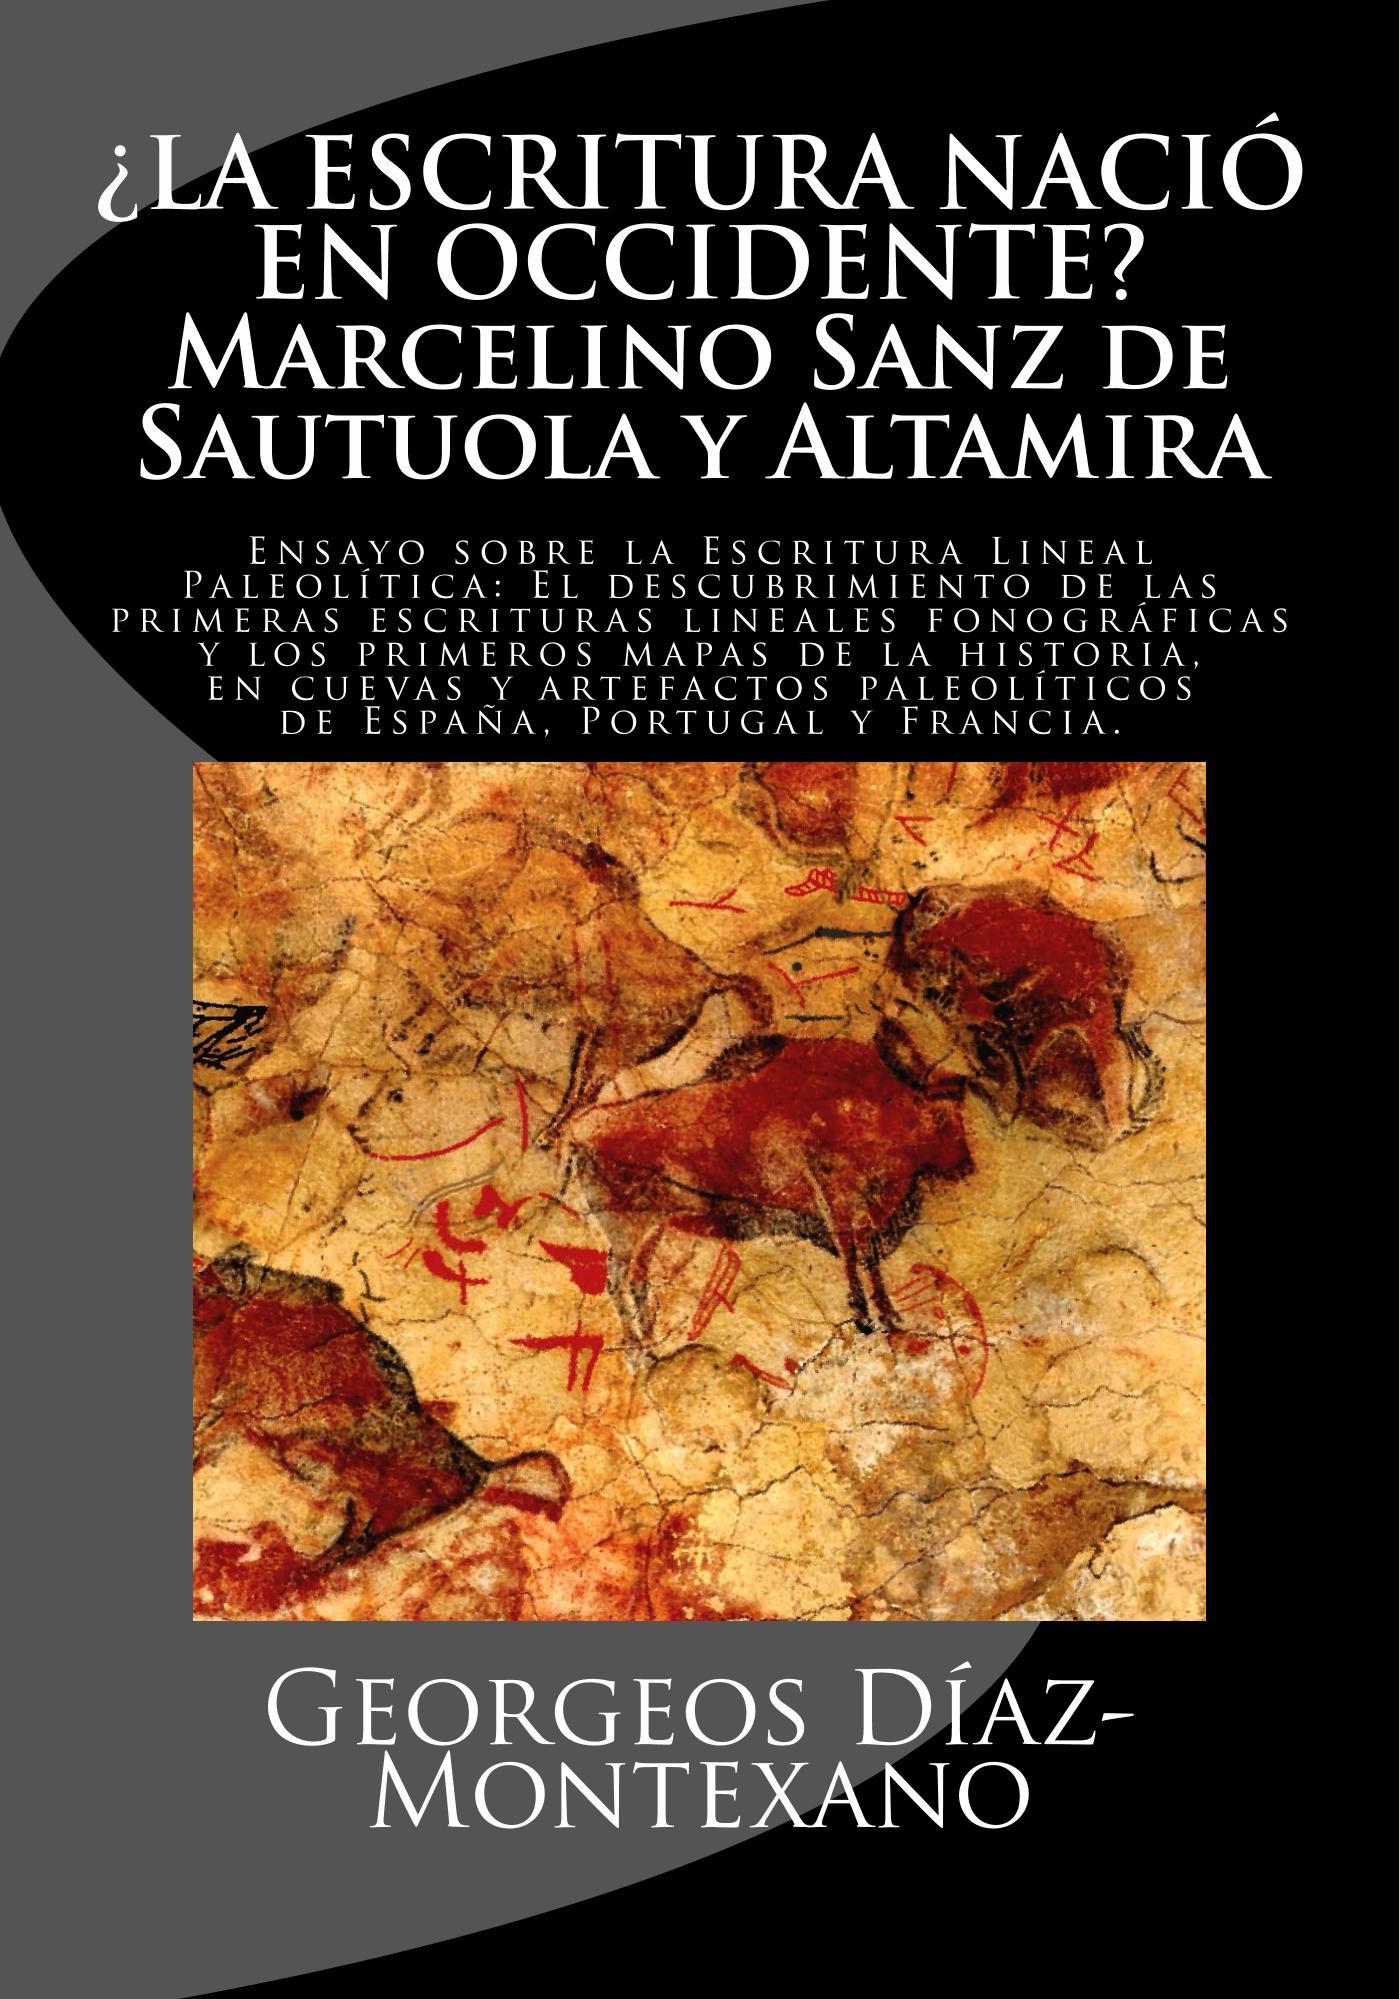 La Escritura Nació en Occidente - Georgeos Díaz-Montexano